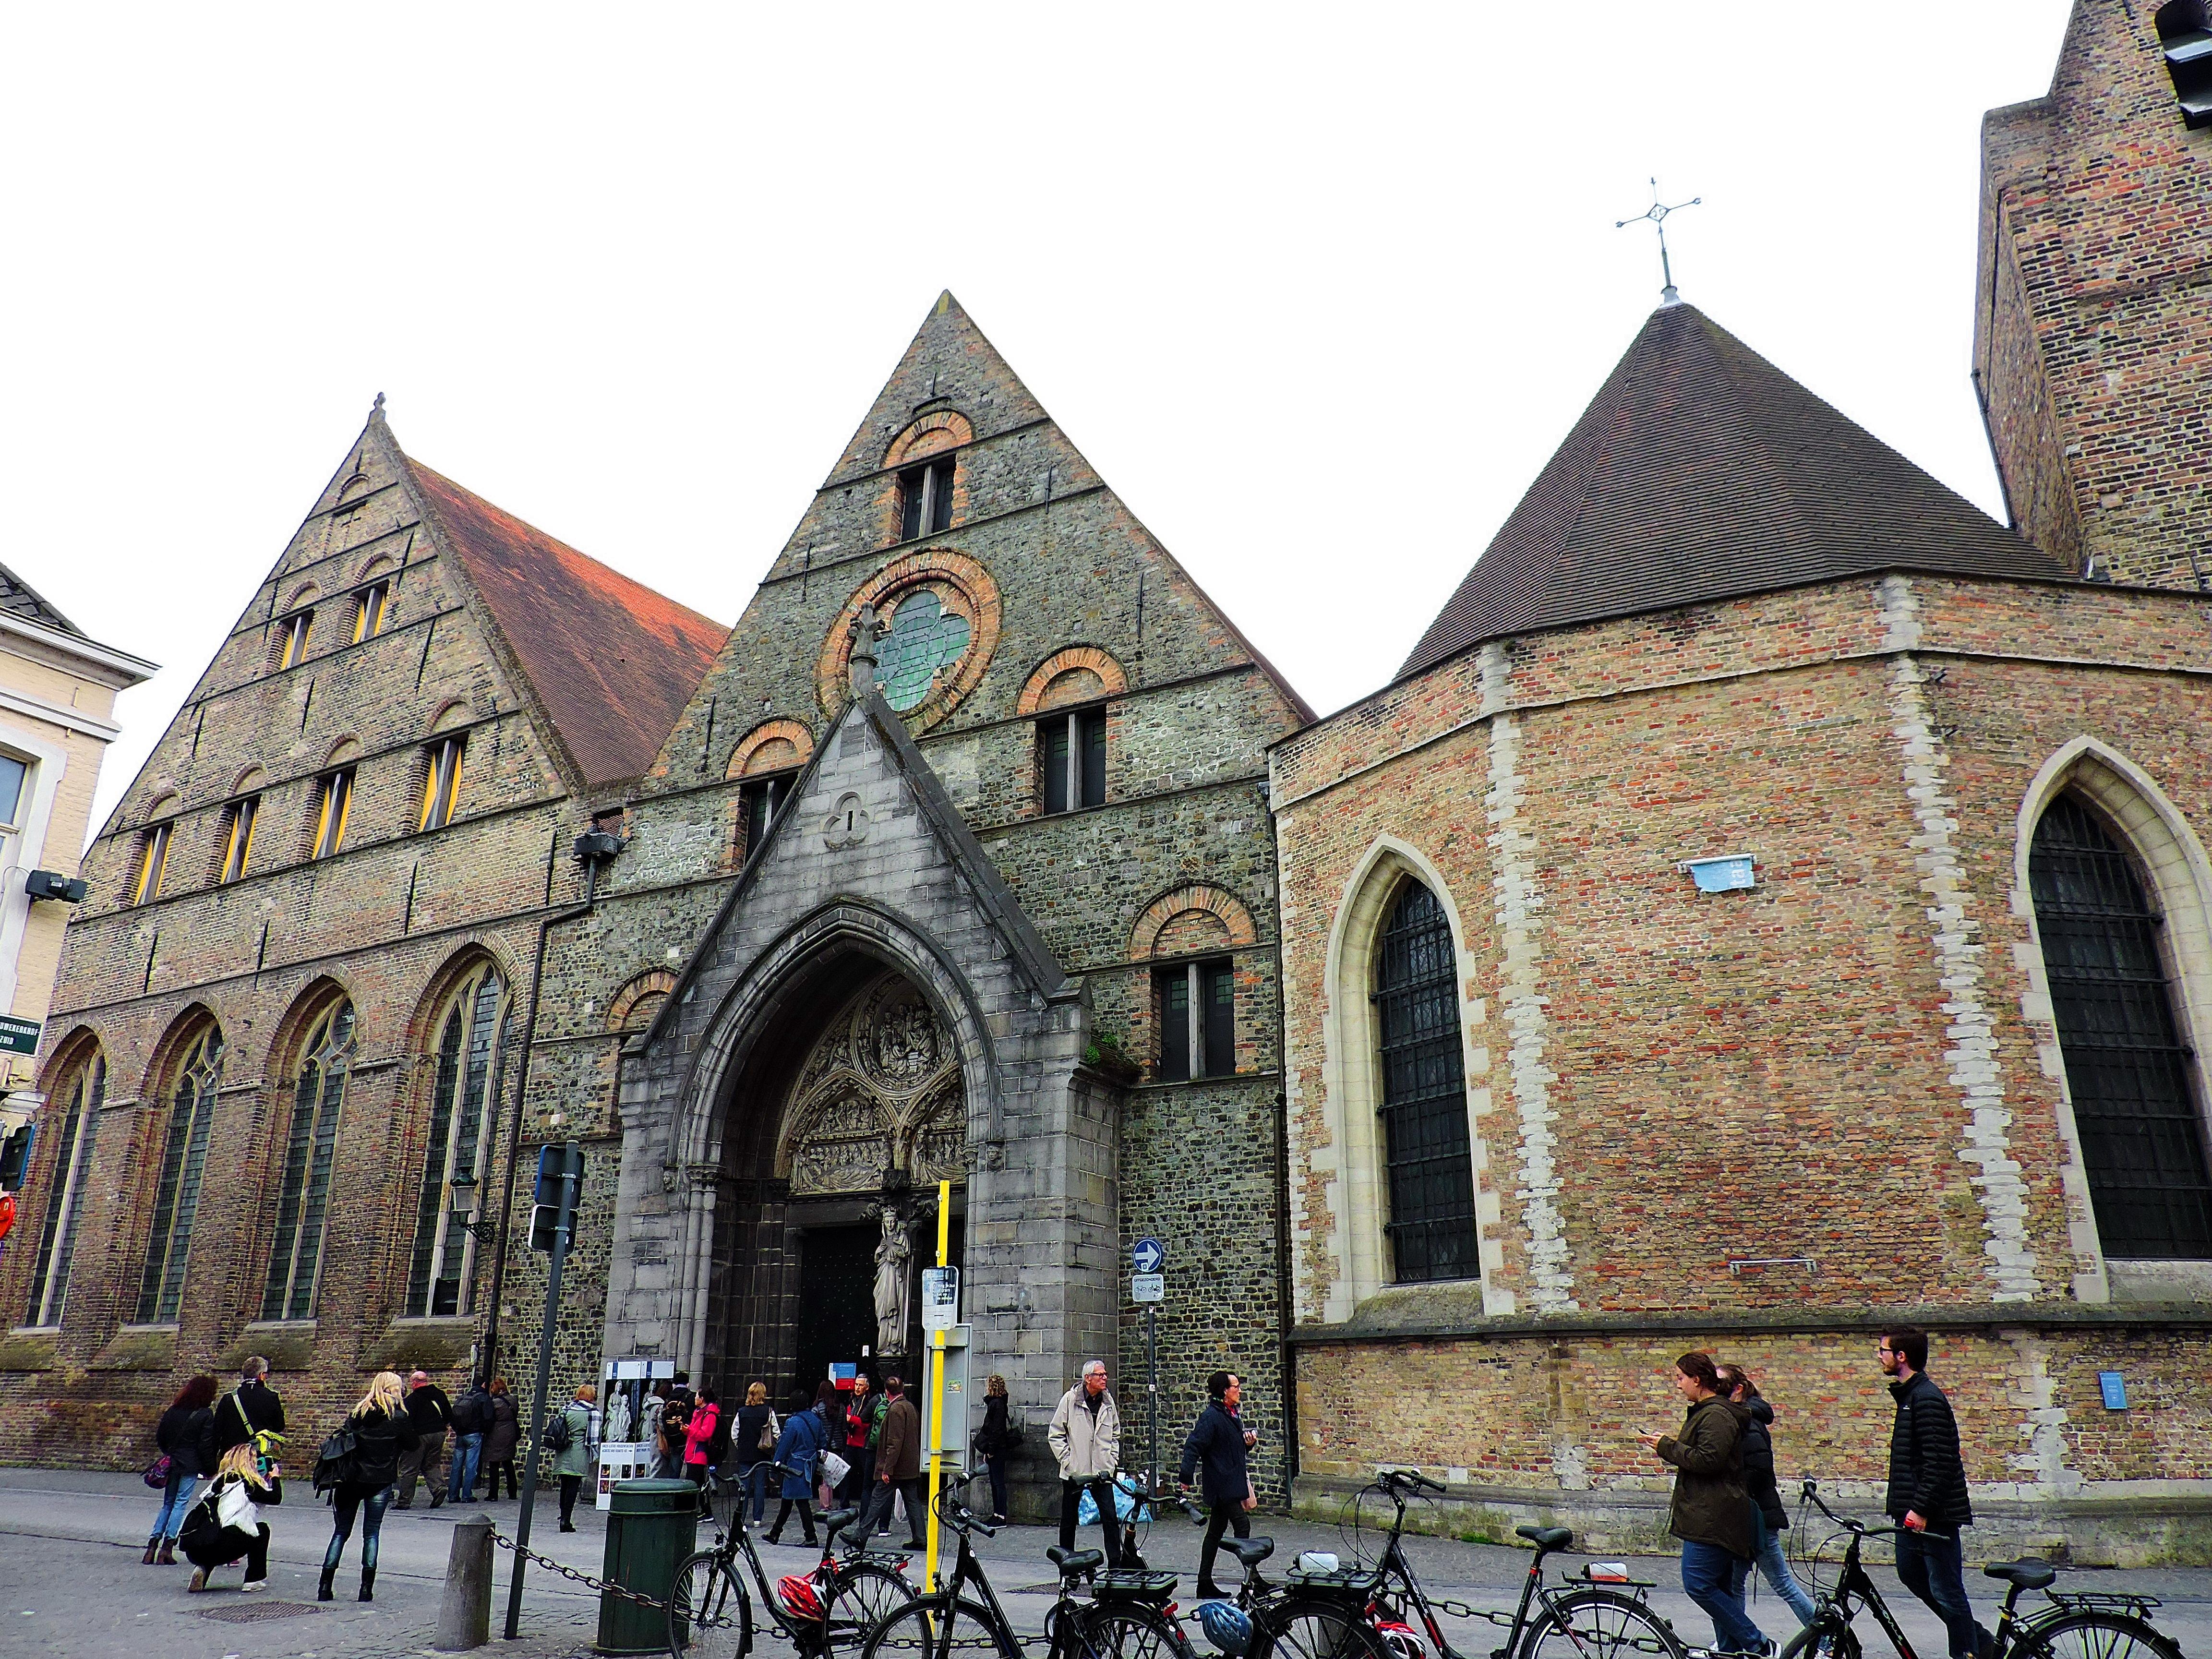 Old St. John's Hospital (Sint-Janshospitaal), Bruges